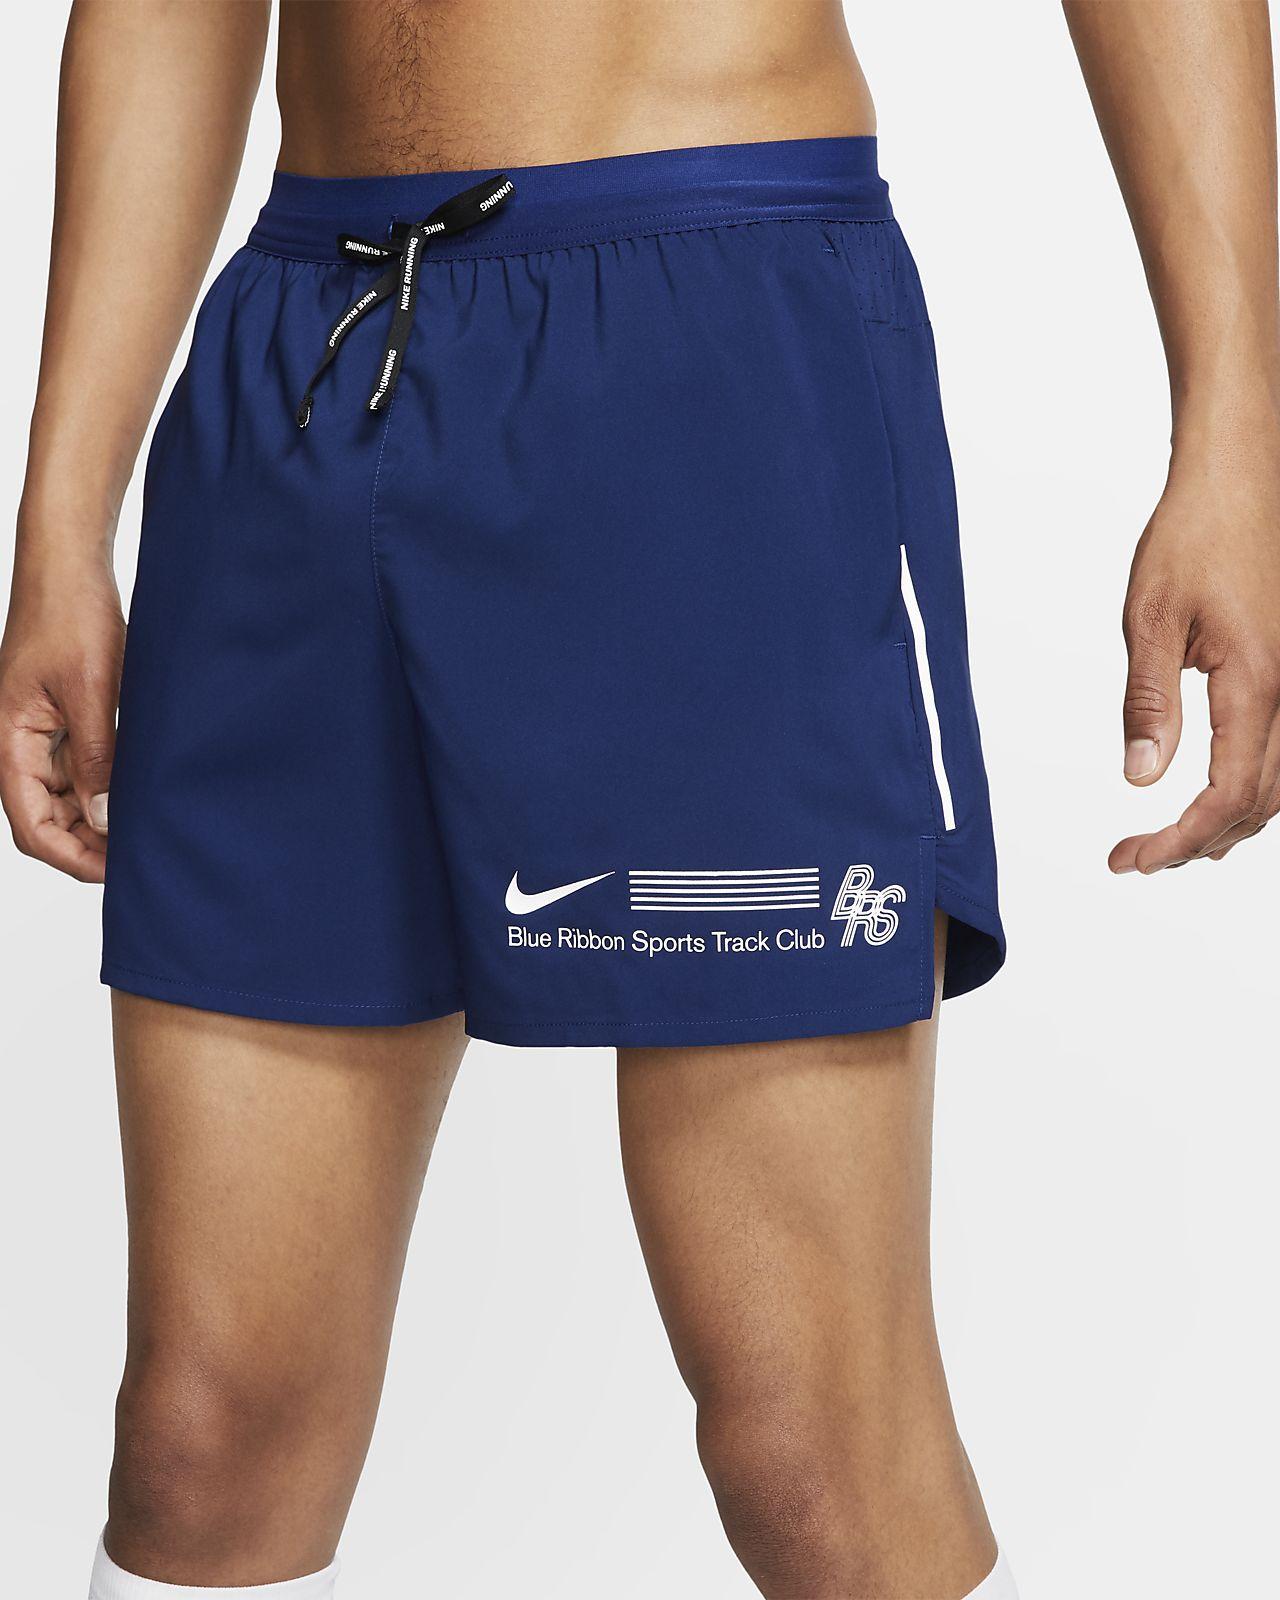 Nike Flex Stride BRS 13 cm Astarlı Erkek Koşu Şortu